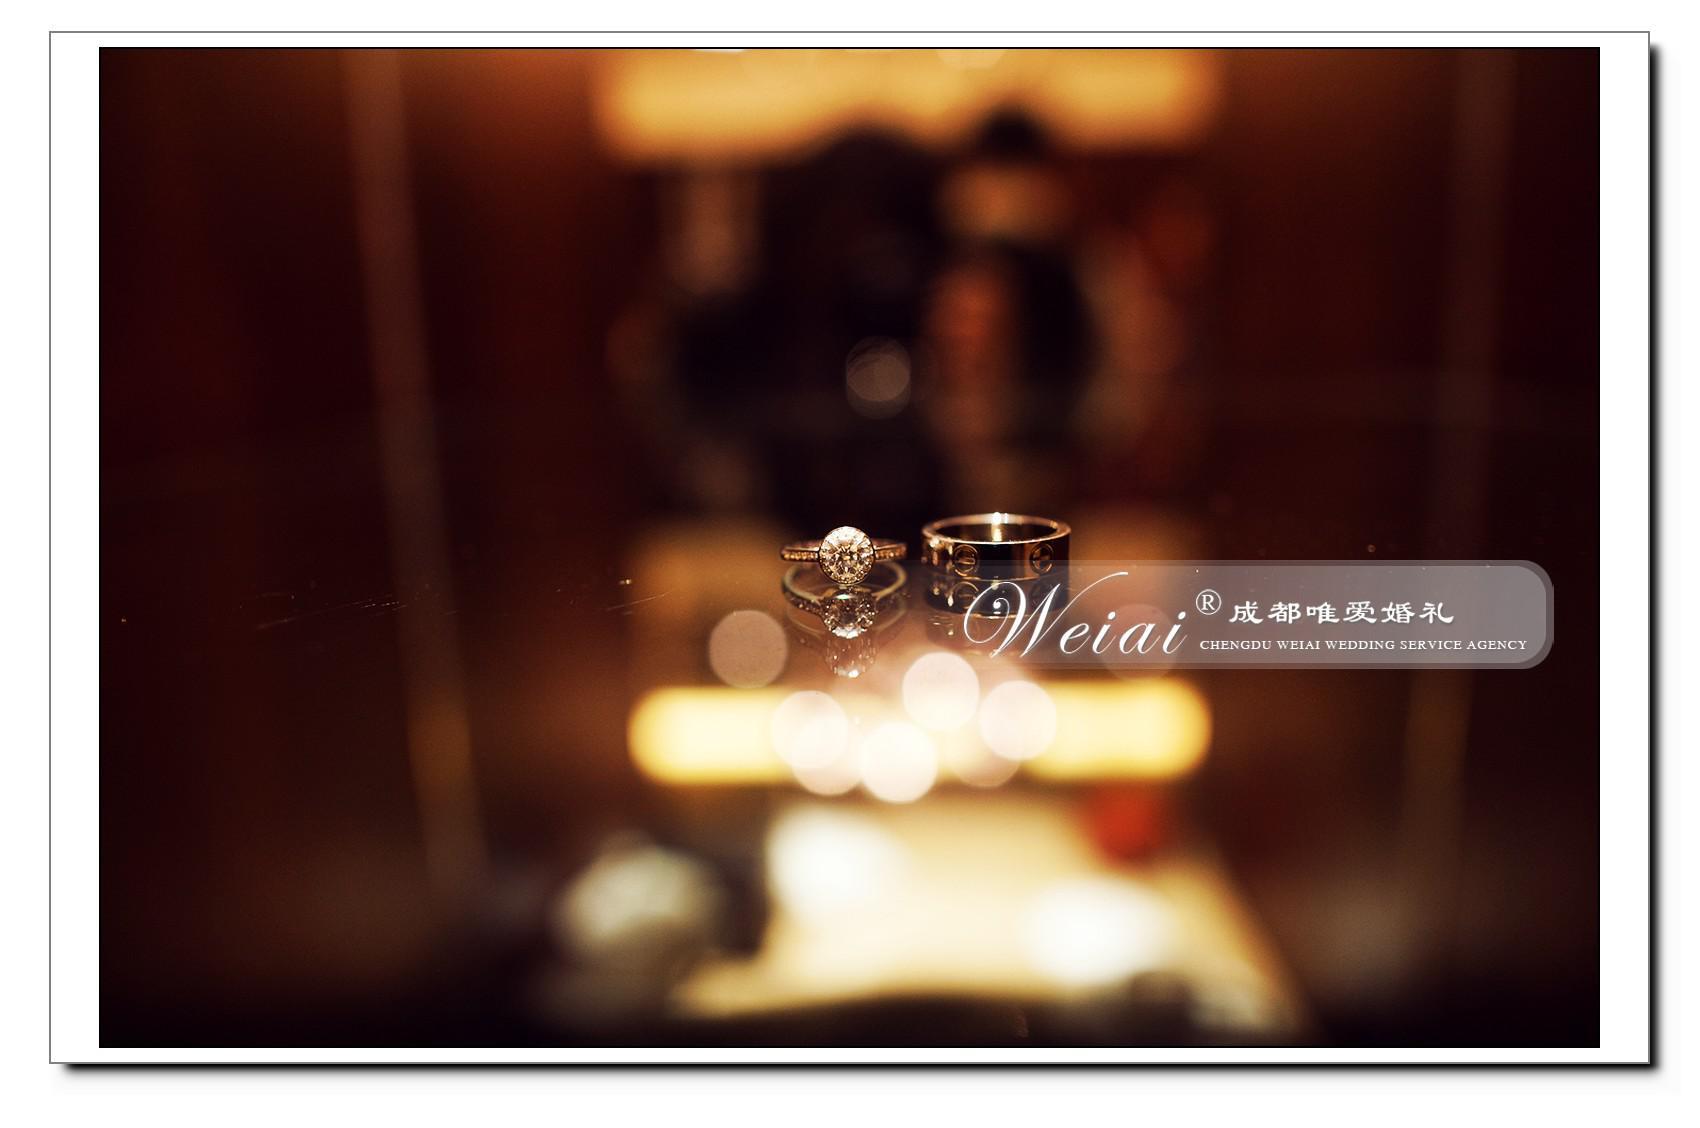 新人完美筹备婚礼六大误区-weiai028-chinaunix博客